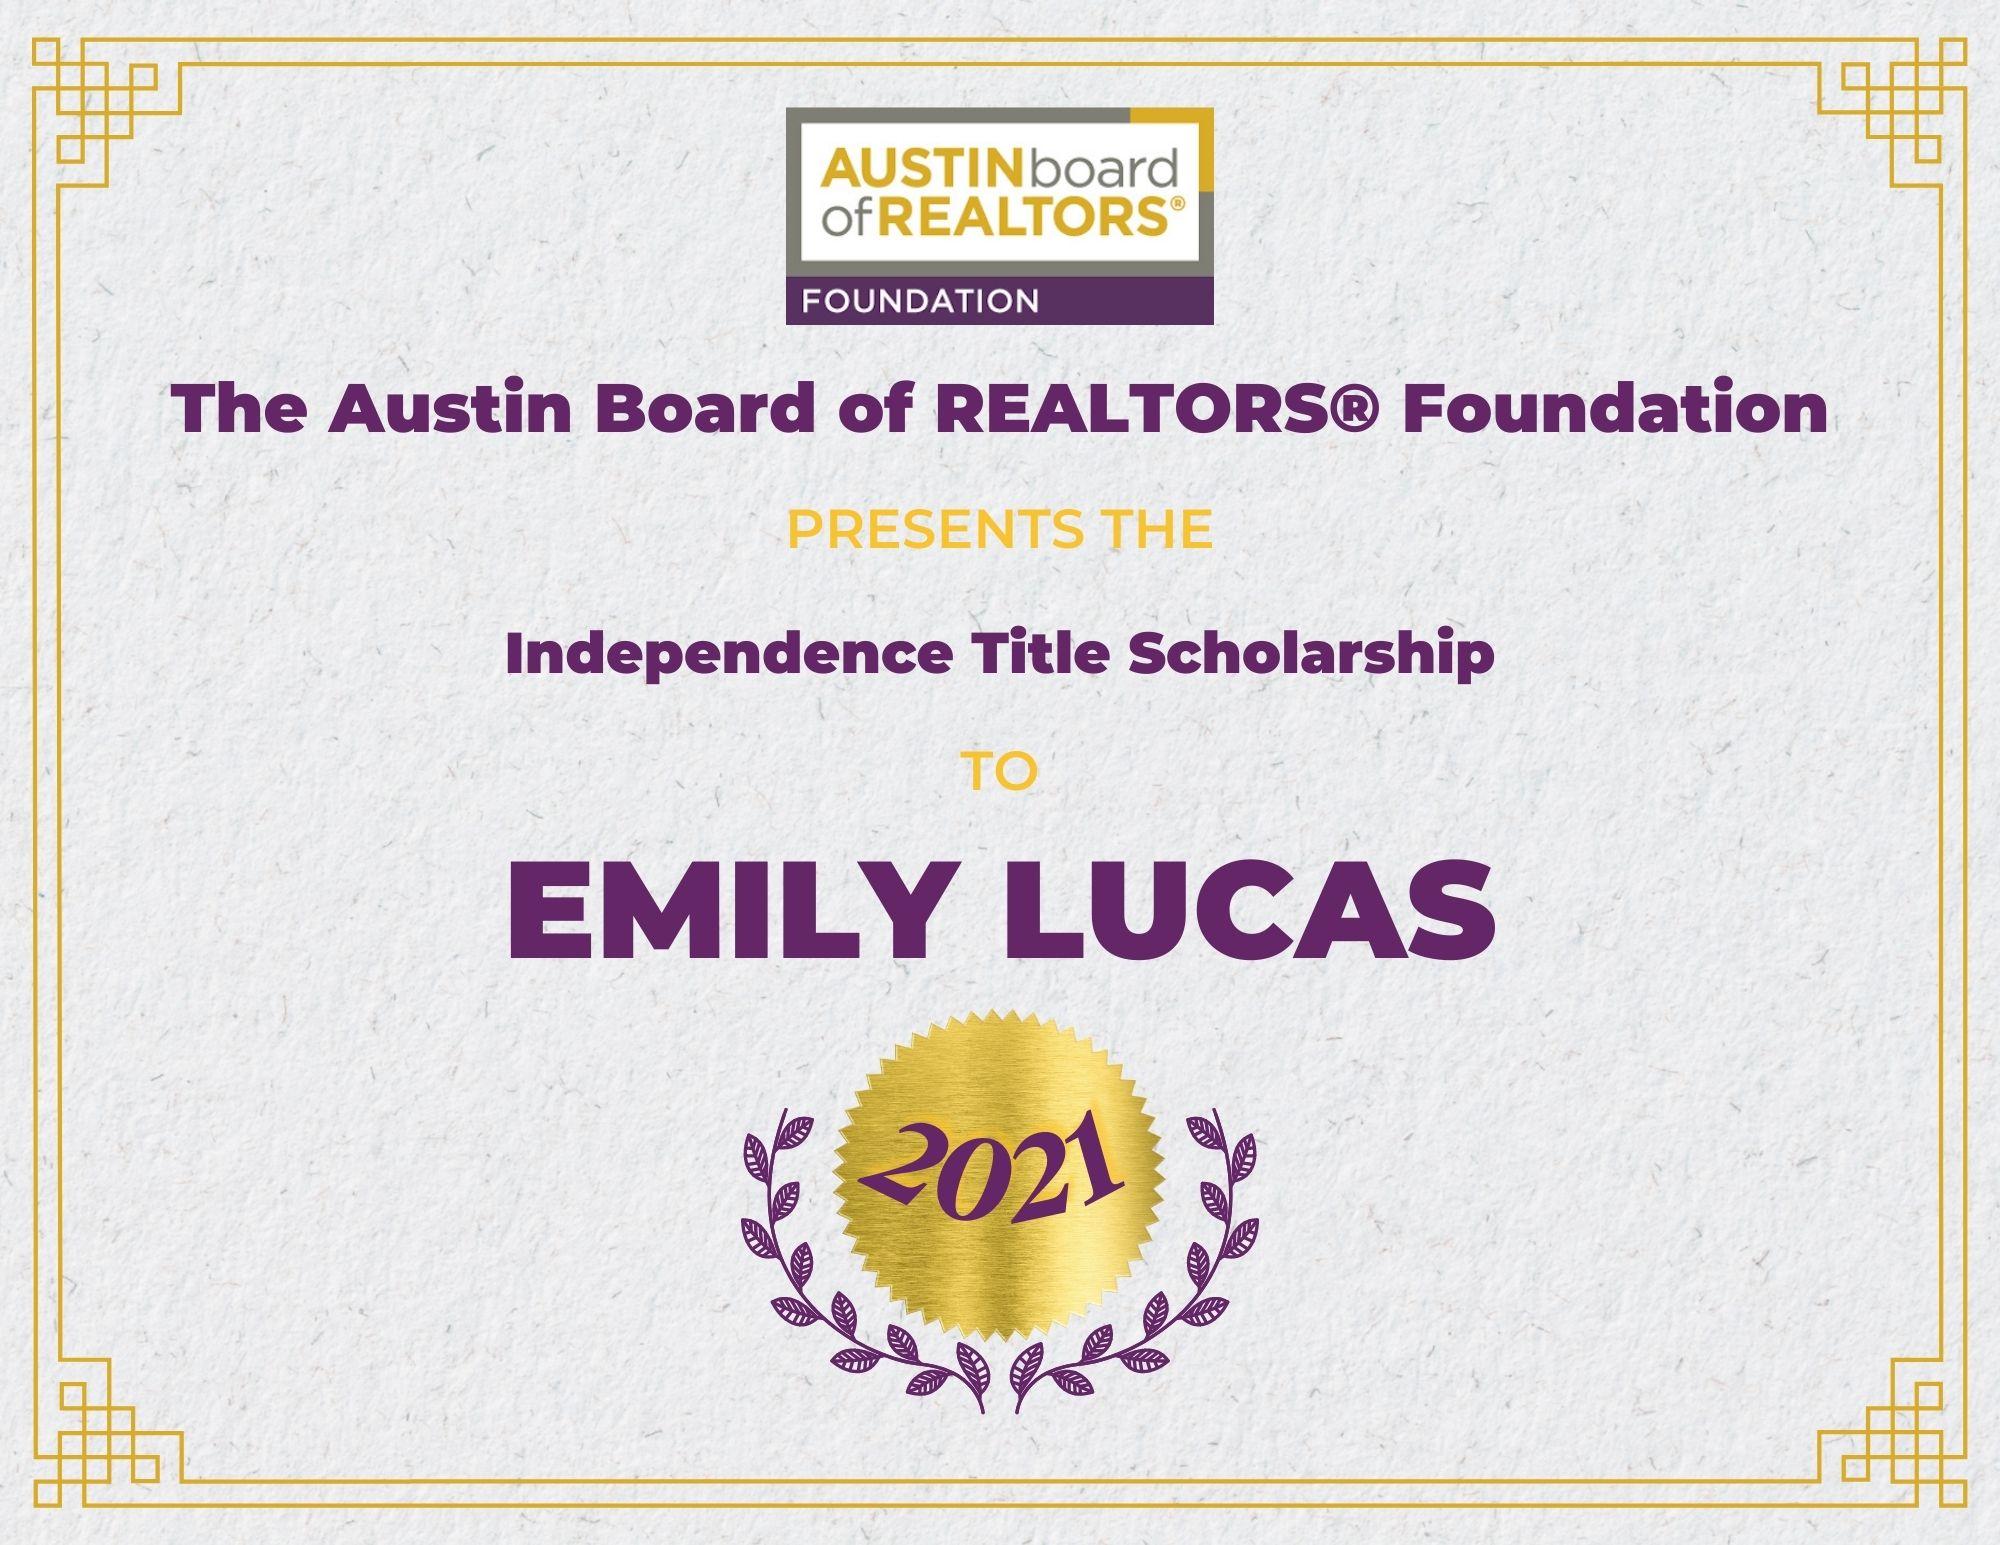 2021 Fou Scholarship Certificate Emilylucas